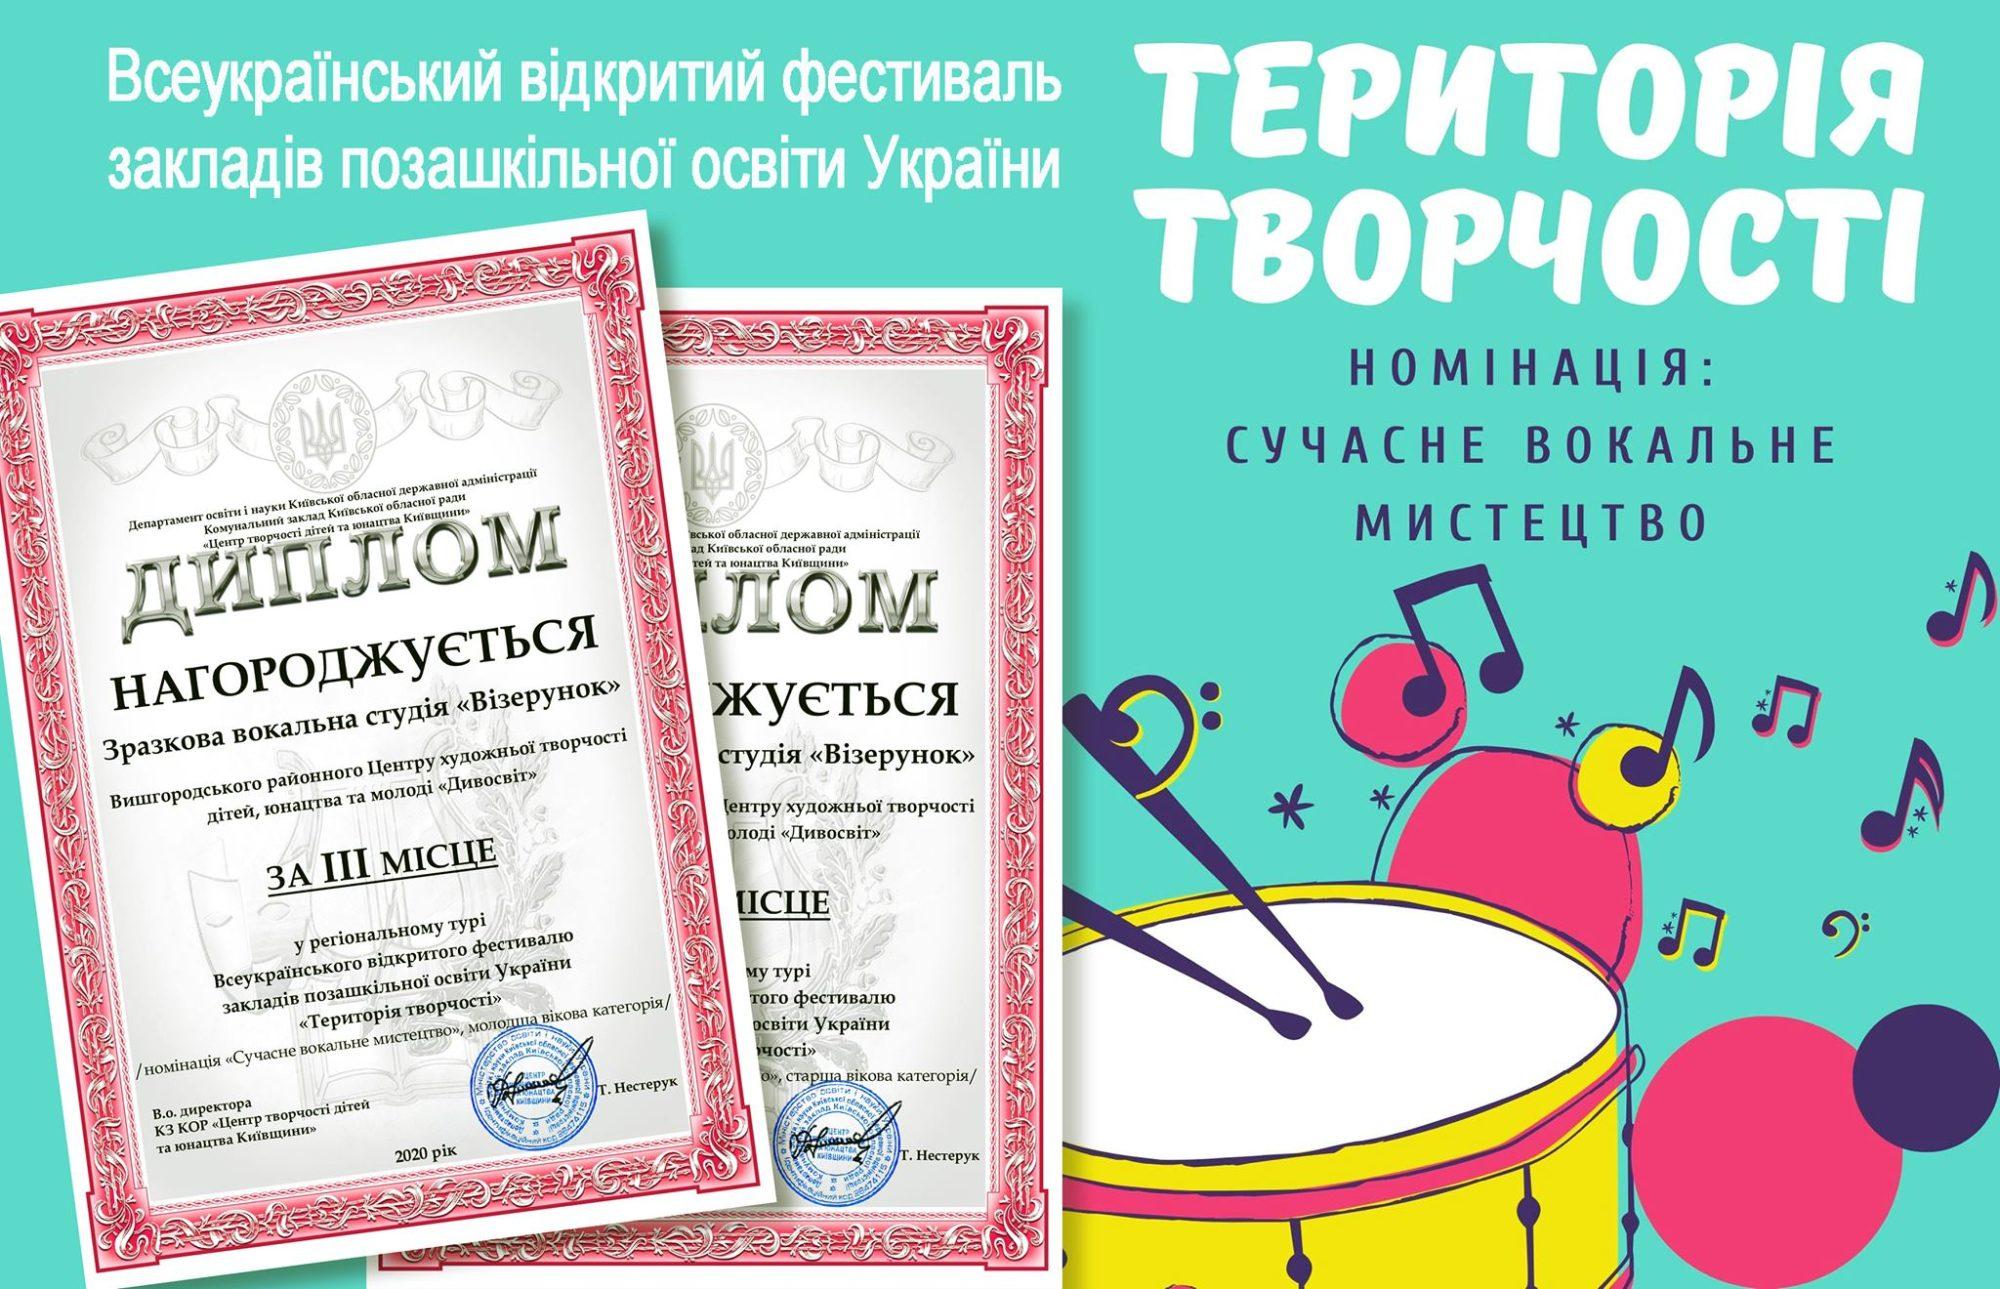 Юні вокалісти з Вишгородщини перемогли на конкурсі у Чехії - таланти, талановиті діти, Культура, Вишгородський район - Dyvosvit3 2000x1289